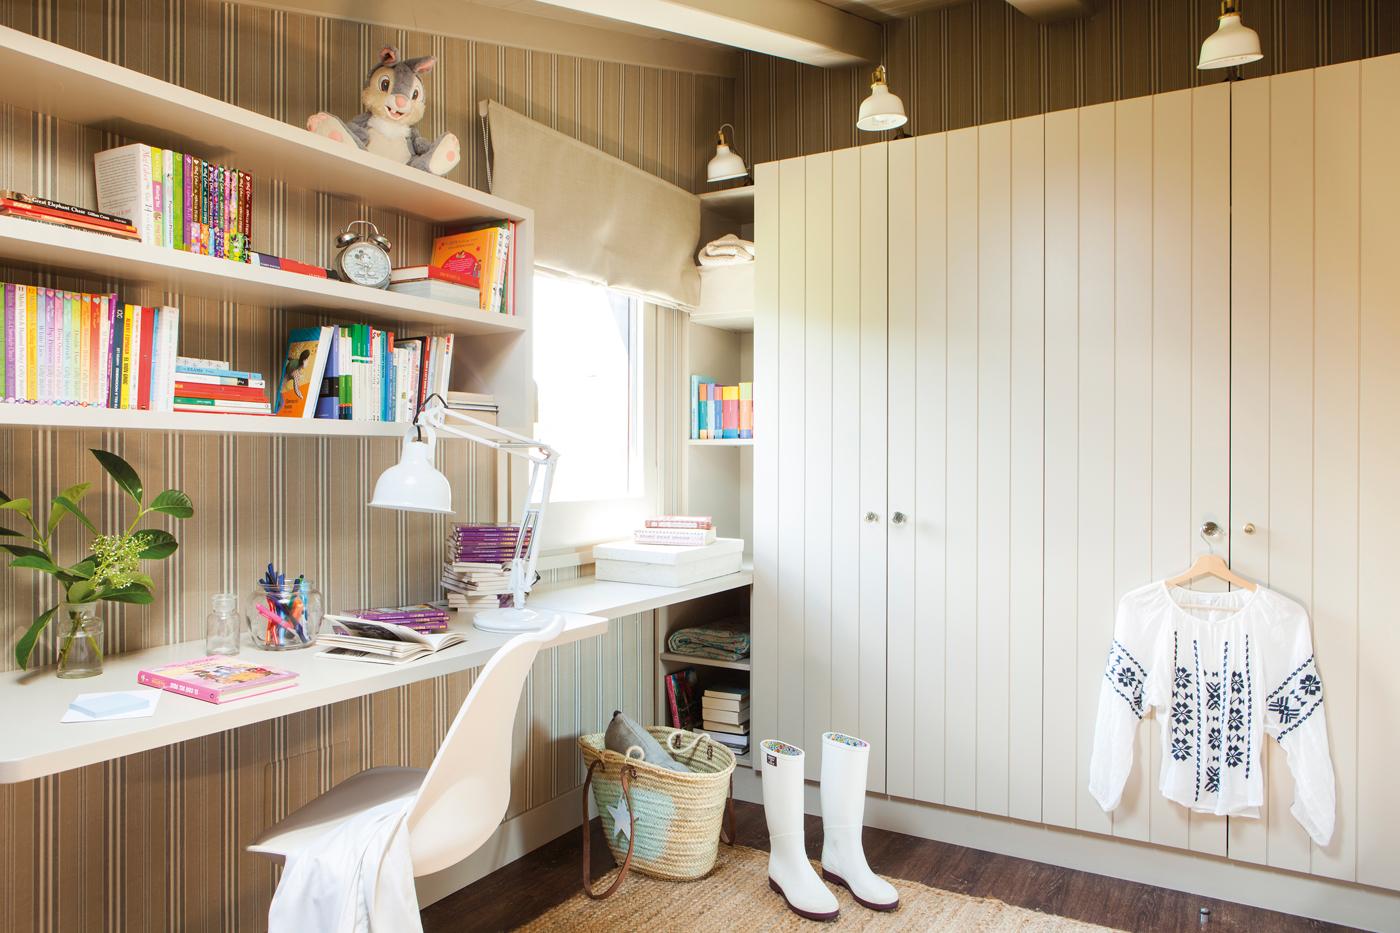 habitacin infantil con balda escritorio estanteras y armario con lamas de madera y papel pintado